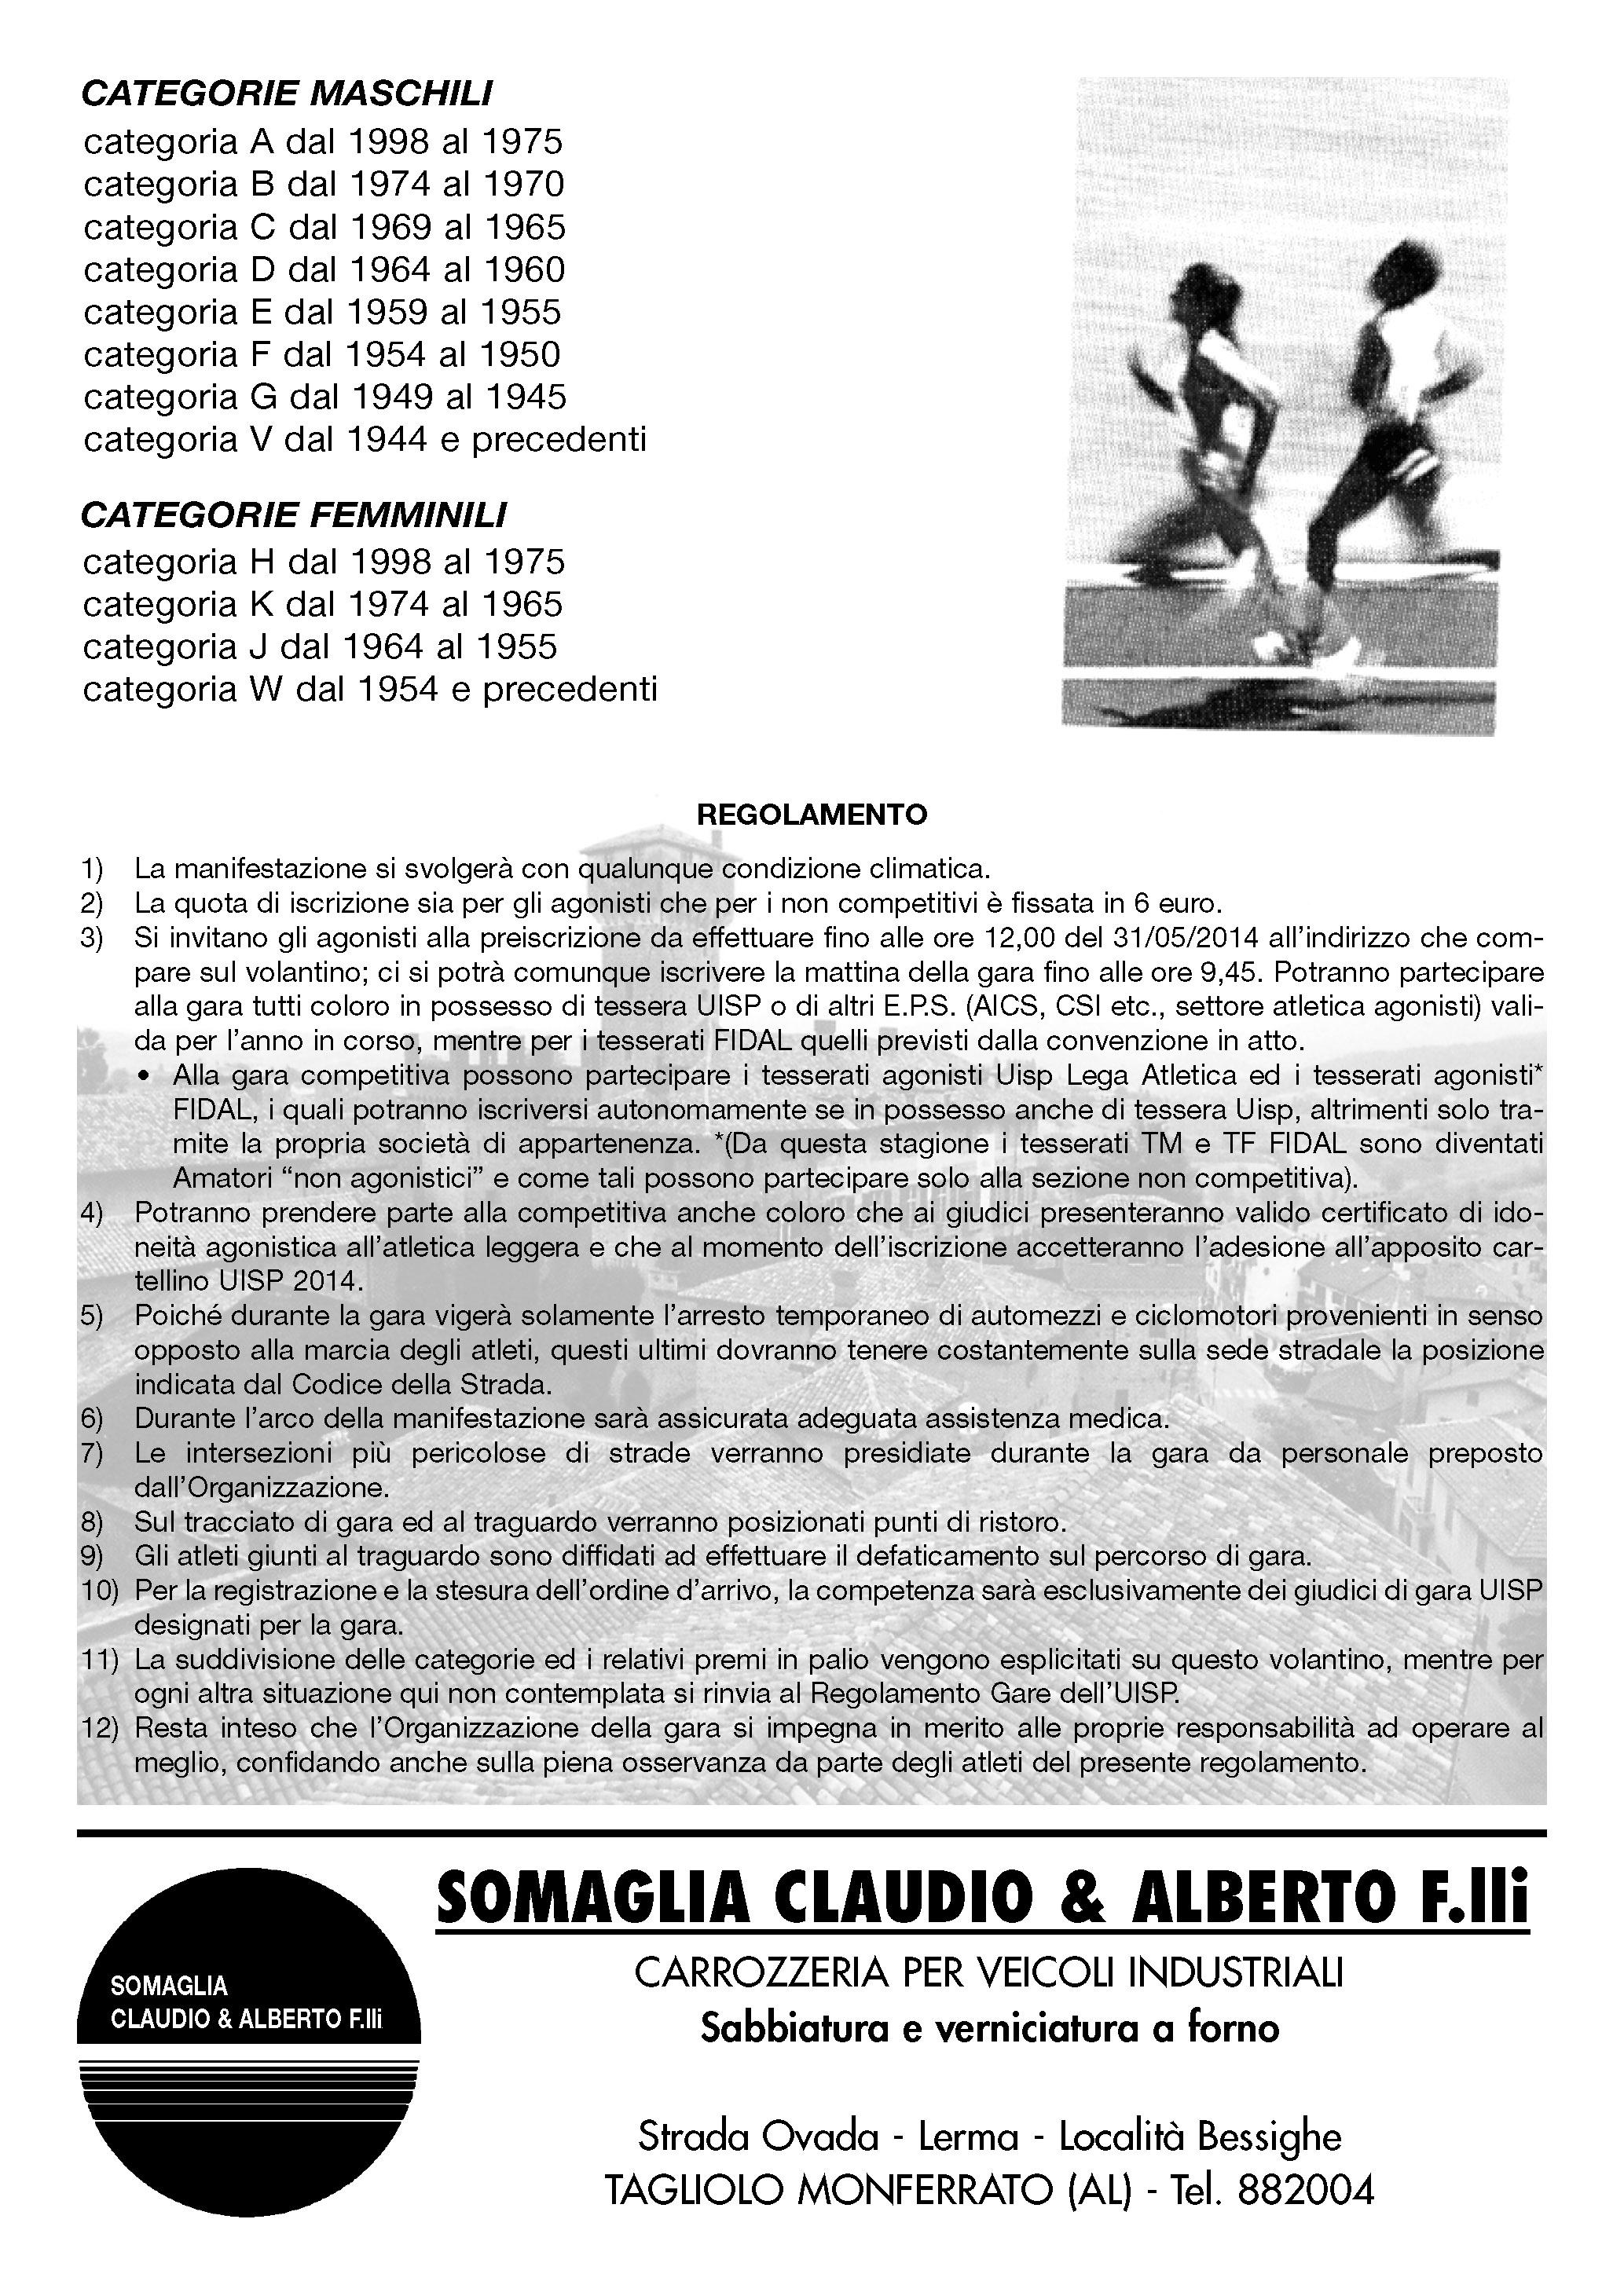 Calendario Podismo Piemonte.Calendario Podistico Ligure E Basso Piemonte Anno 2014